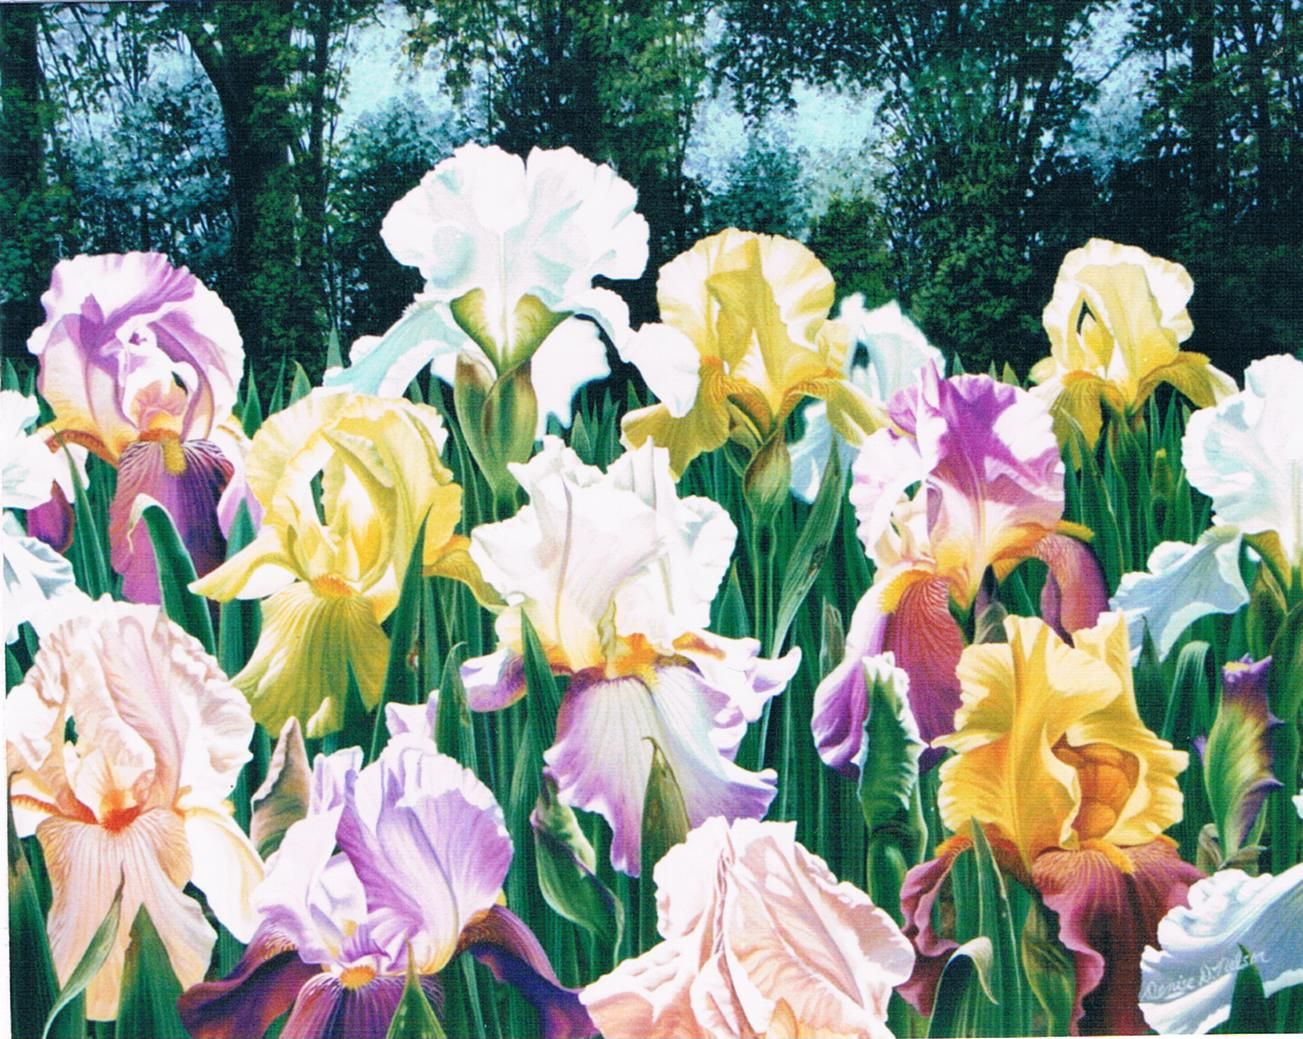 Irises-Genesis-on-Panel2.jpg (1303×1039)